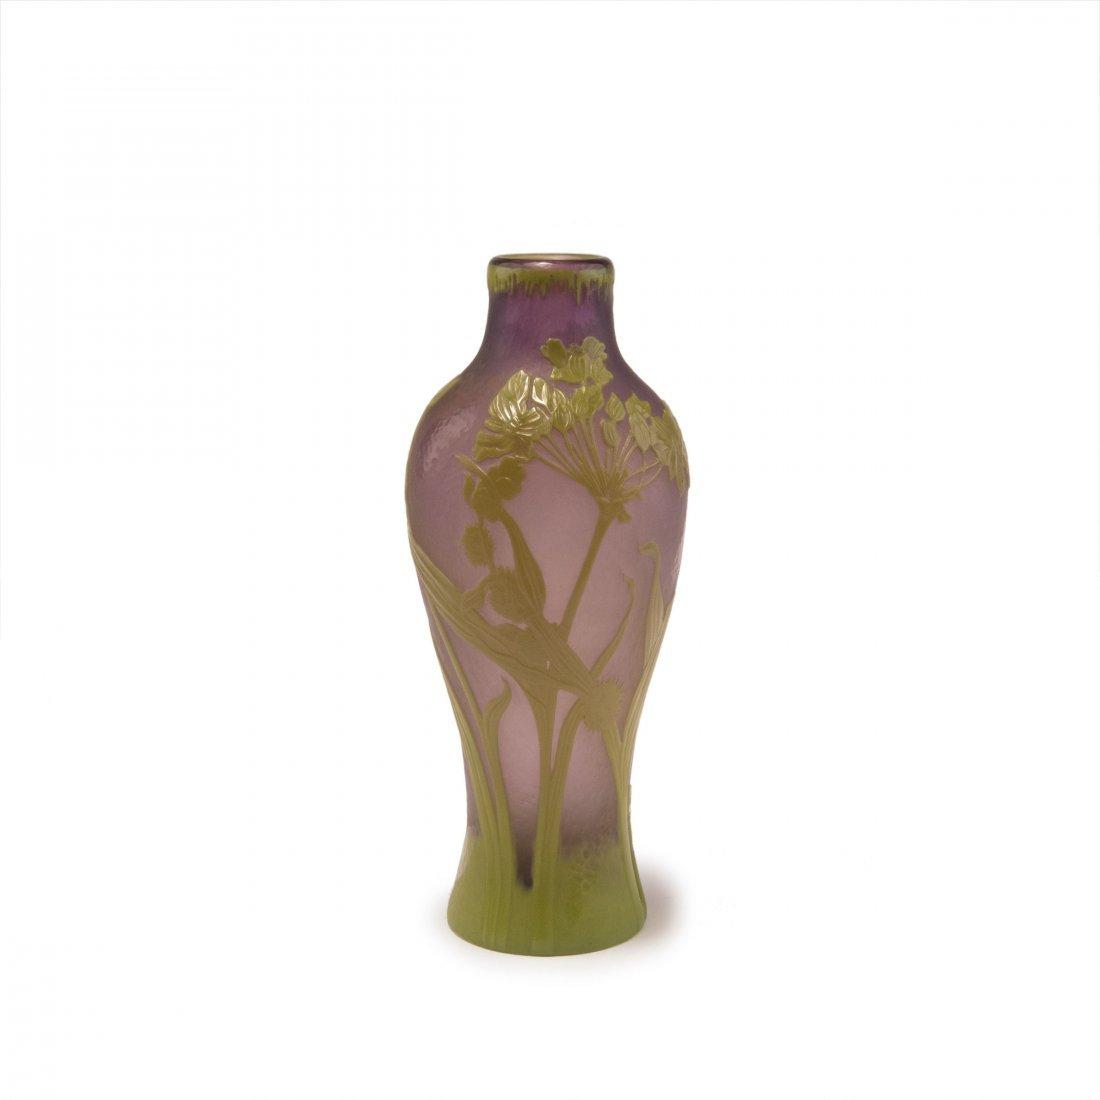 'Euphorbe' vase, 1900-02